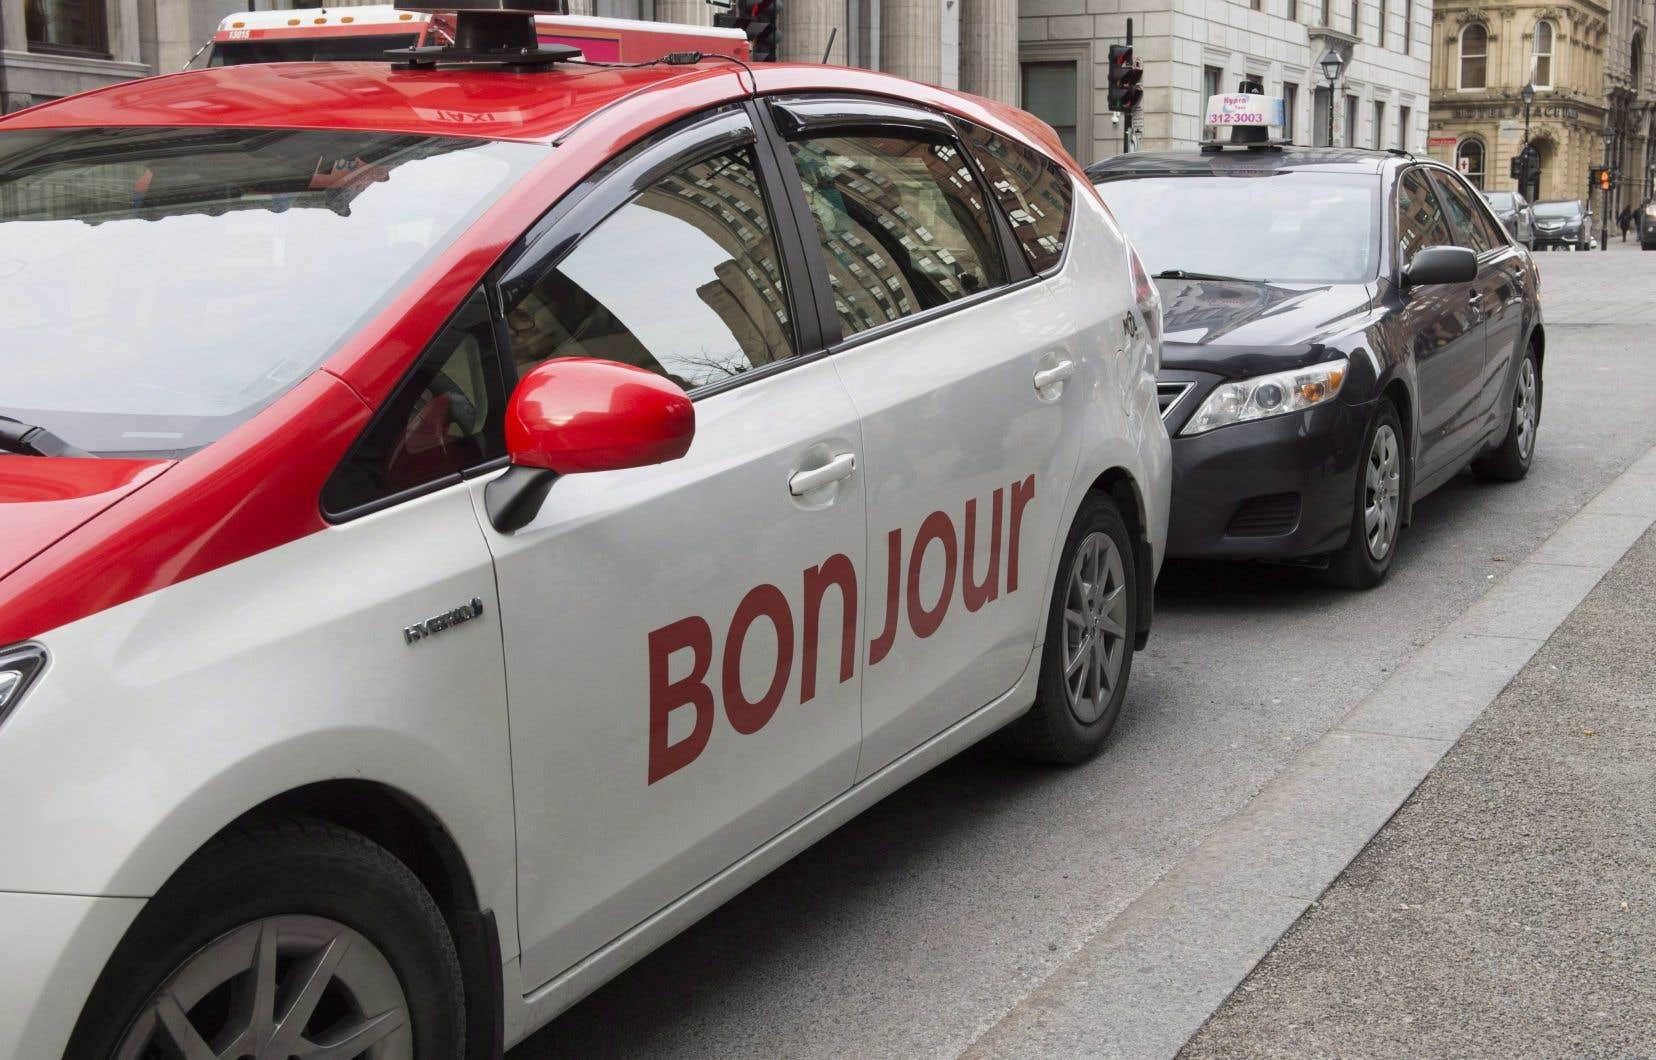 La Commission des droits de la personne et des droits de la jeunesse, dans son mémoire, voit dans le projet de loi 17 «un recul pour les personnes en situation de handicap», puisqu'il n'encadre pas spécifiquement le transport par taxi de ces personnes.